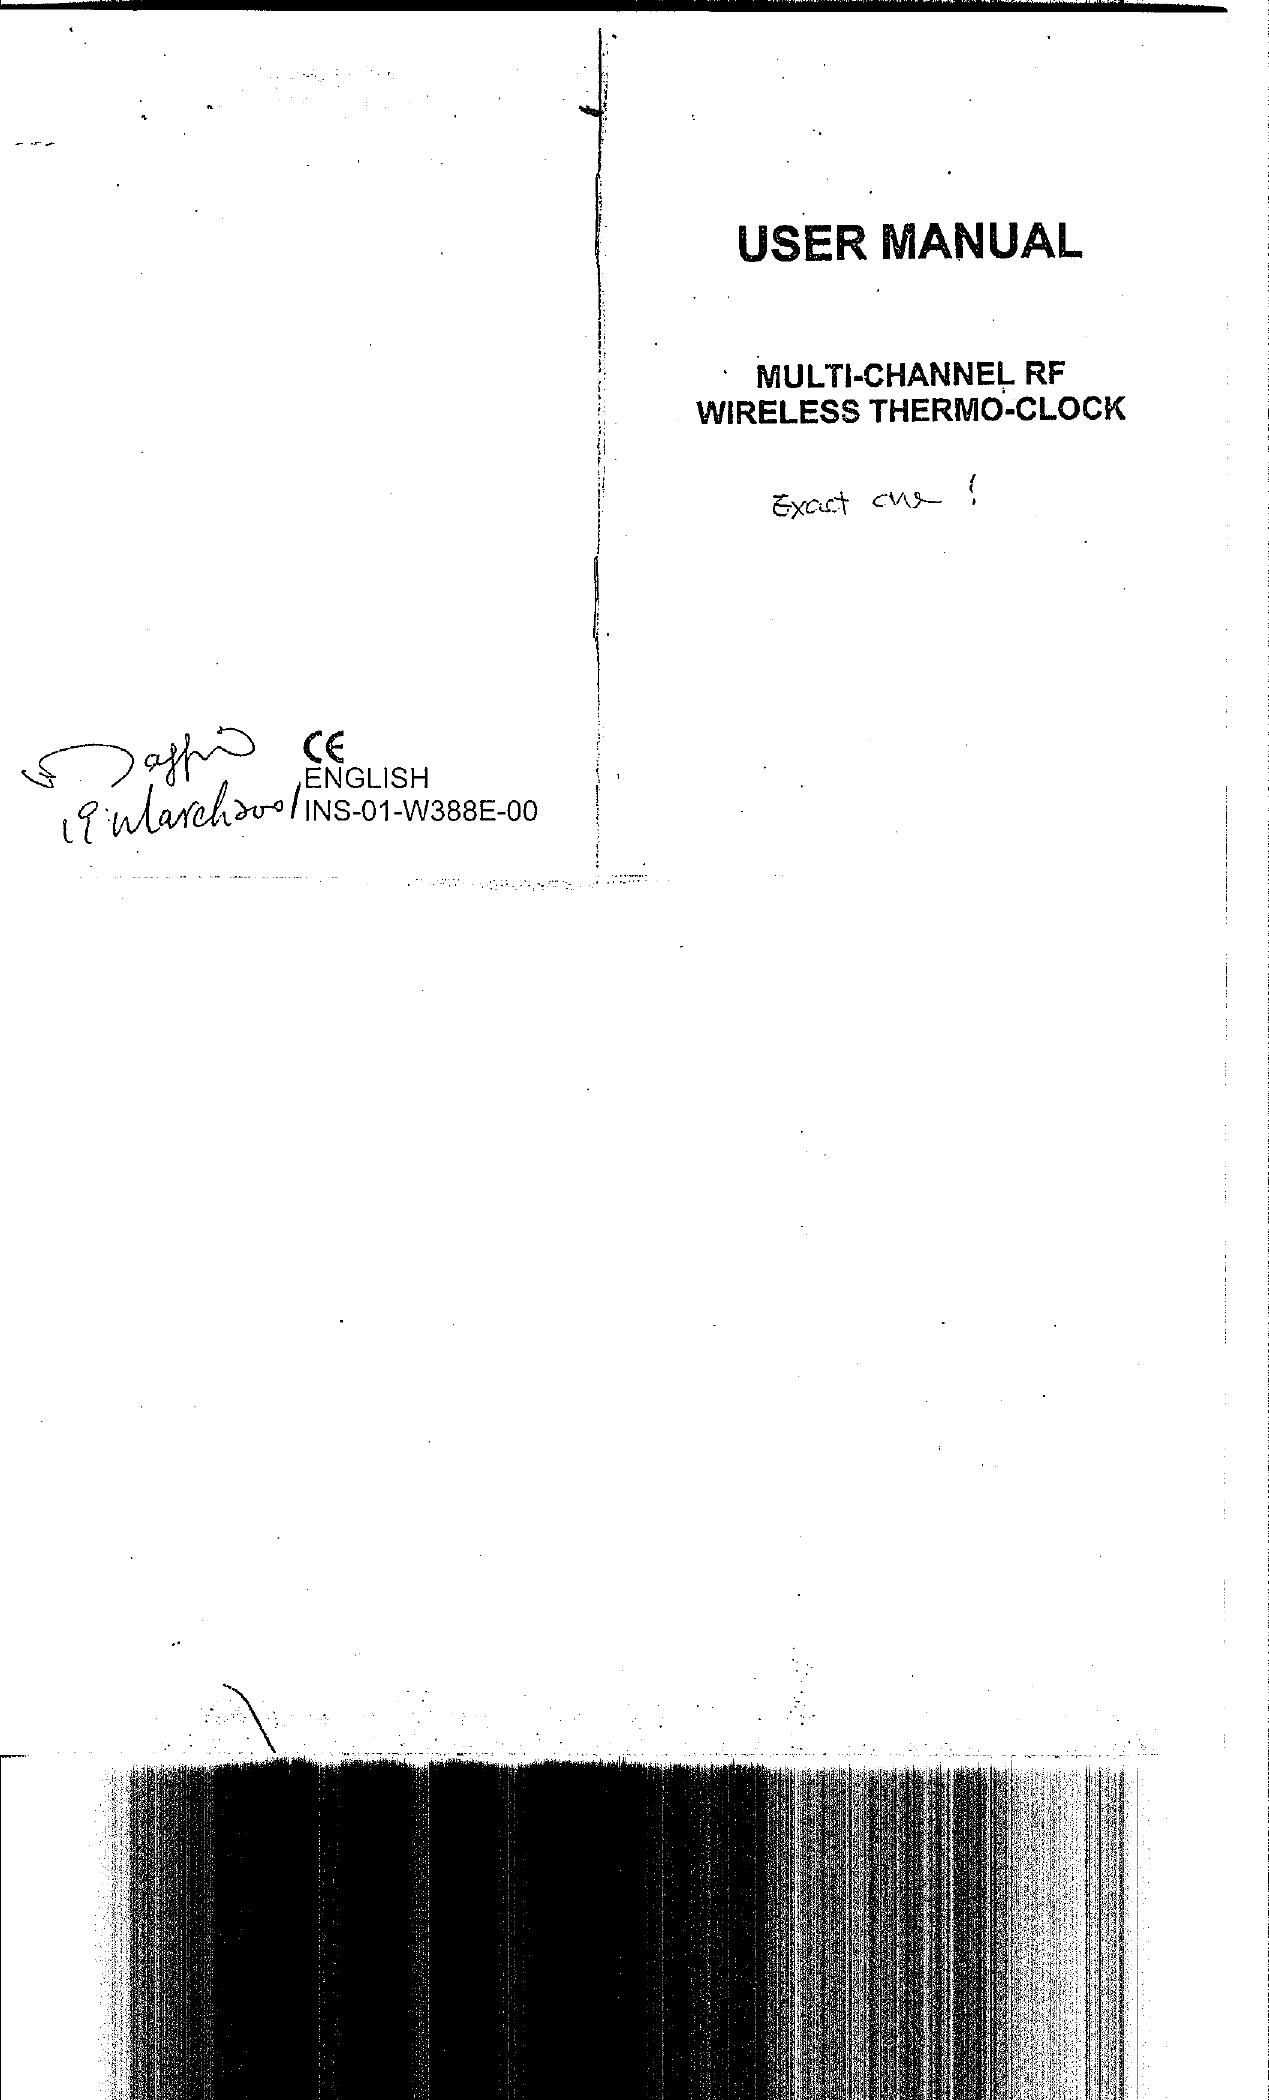 Ziemlich Kessel Wiki Ideen - Der Schaltplan - triangre.info